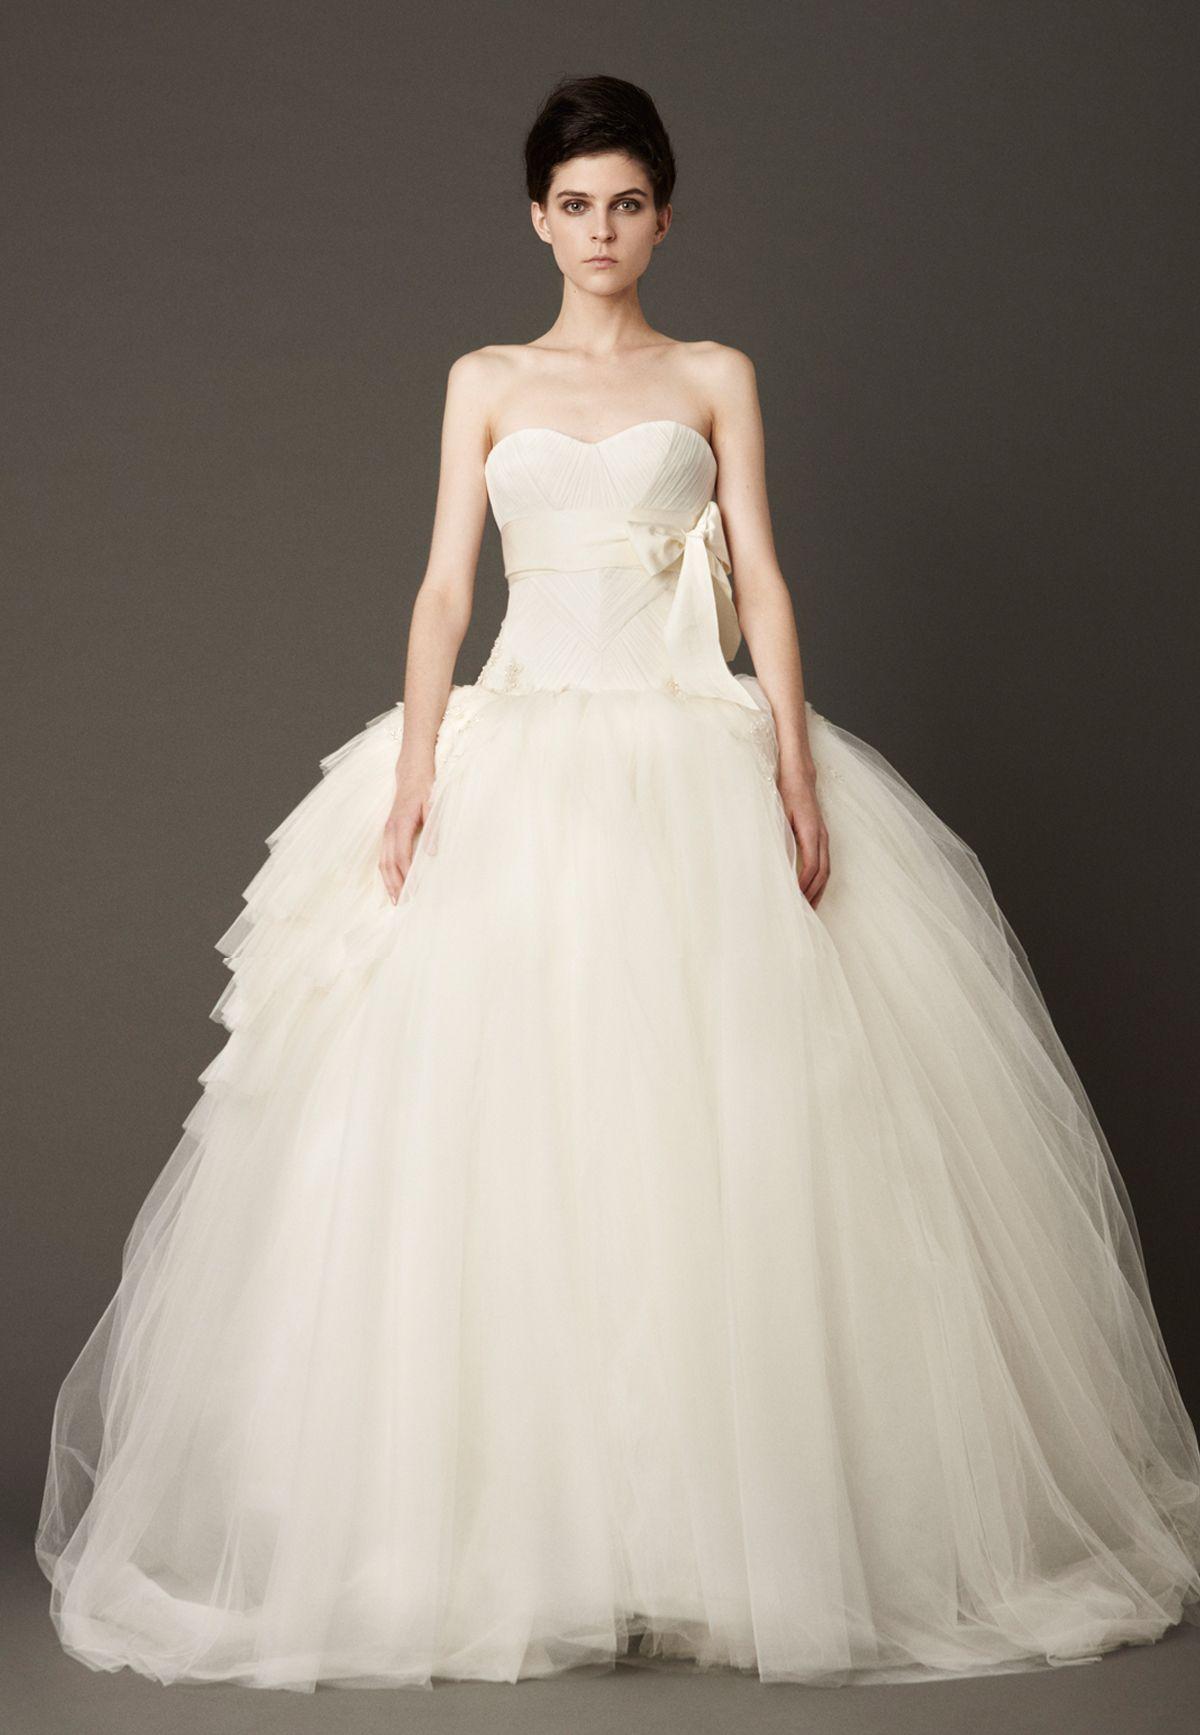 32++ Wedding dresses for petite brides vera wang info